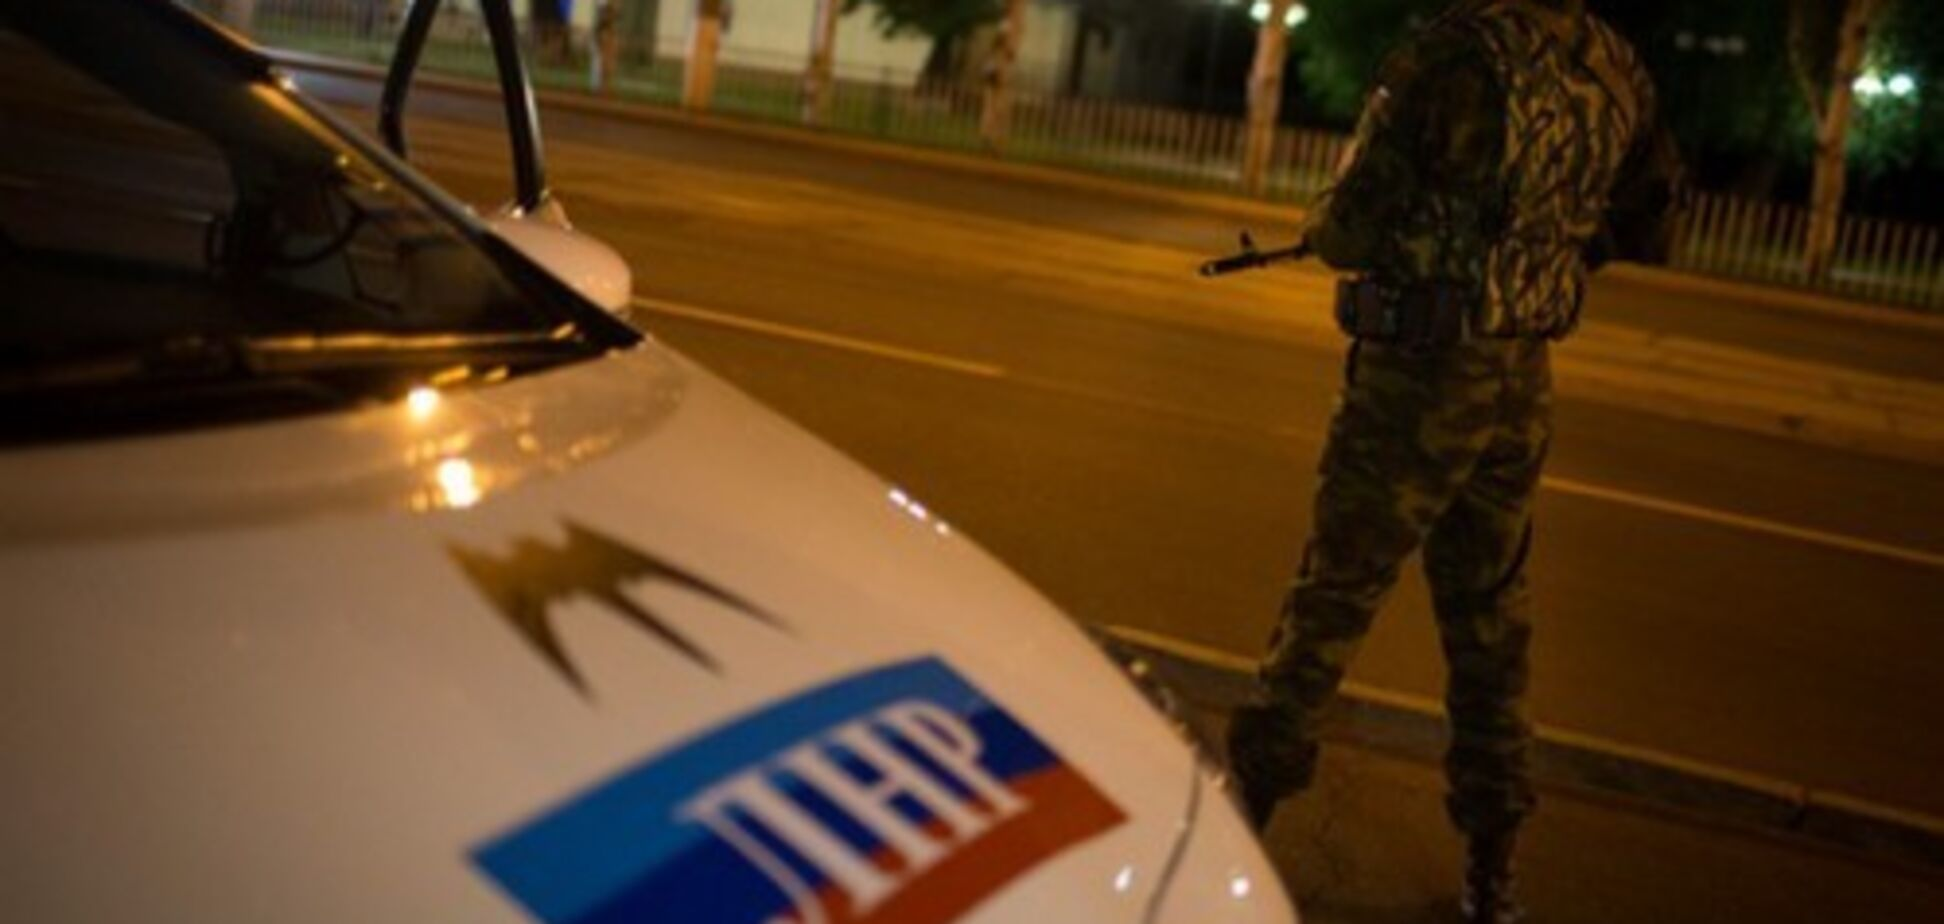 Террористы ''ЛНР'' совершили новое громкое похищение человека: что известно